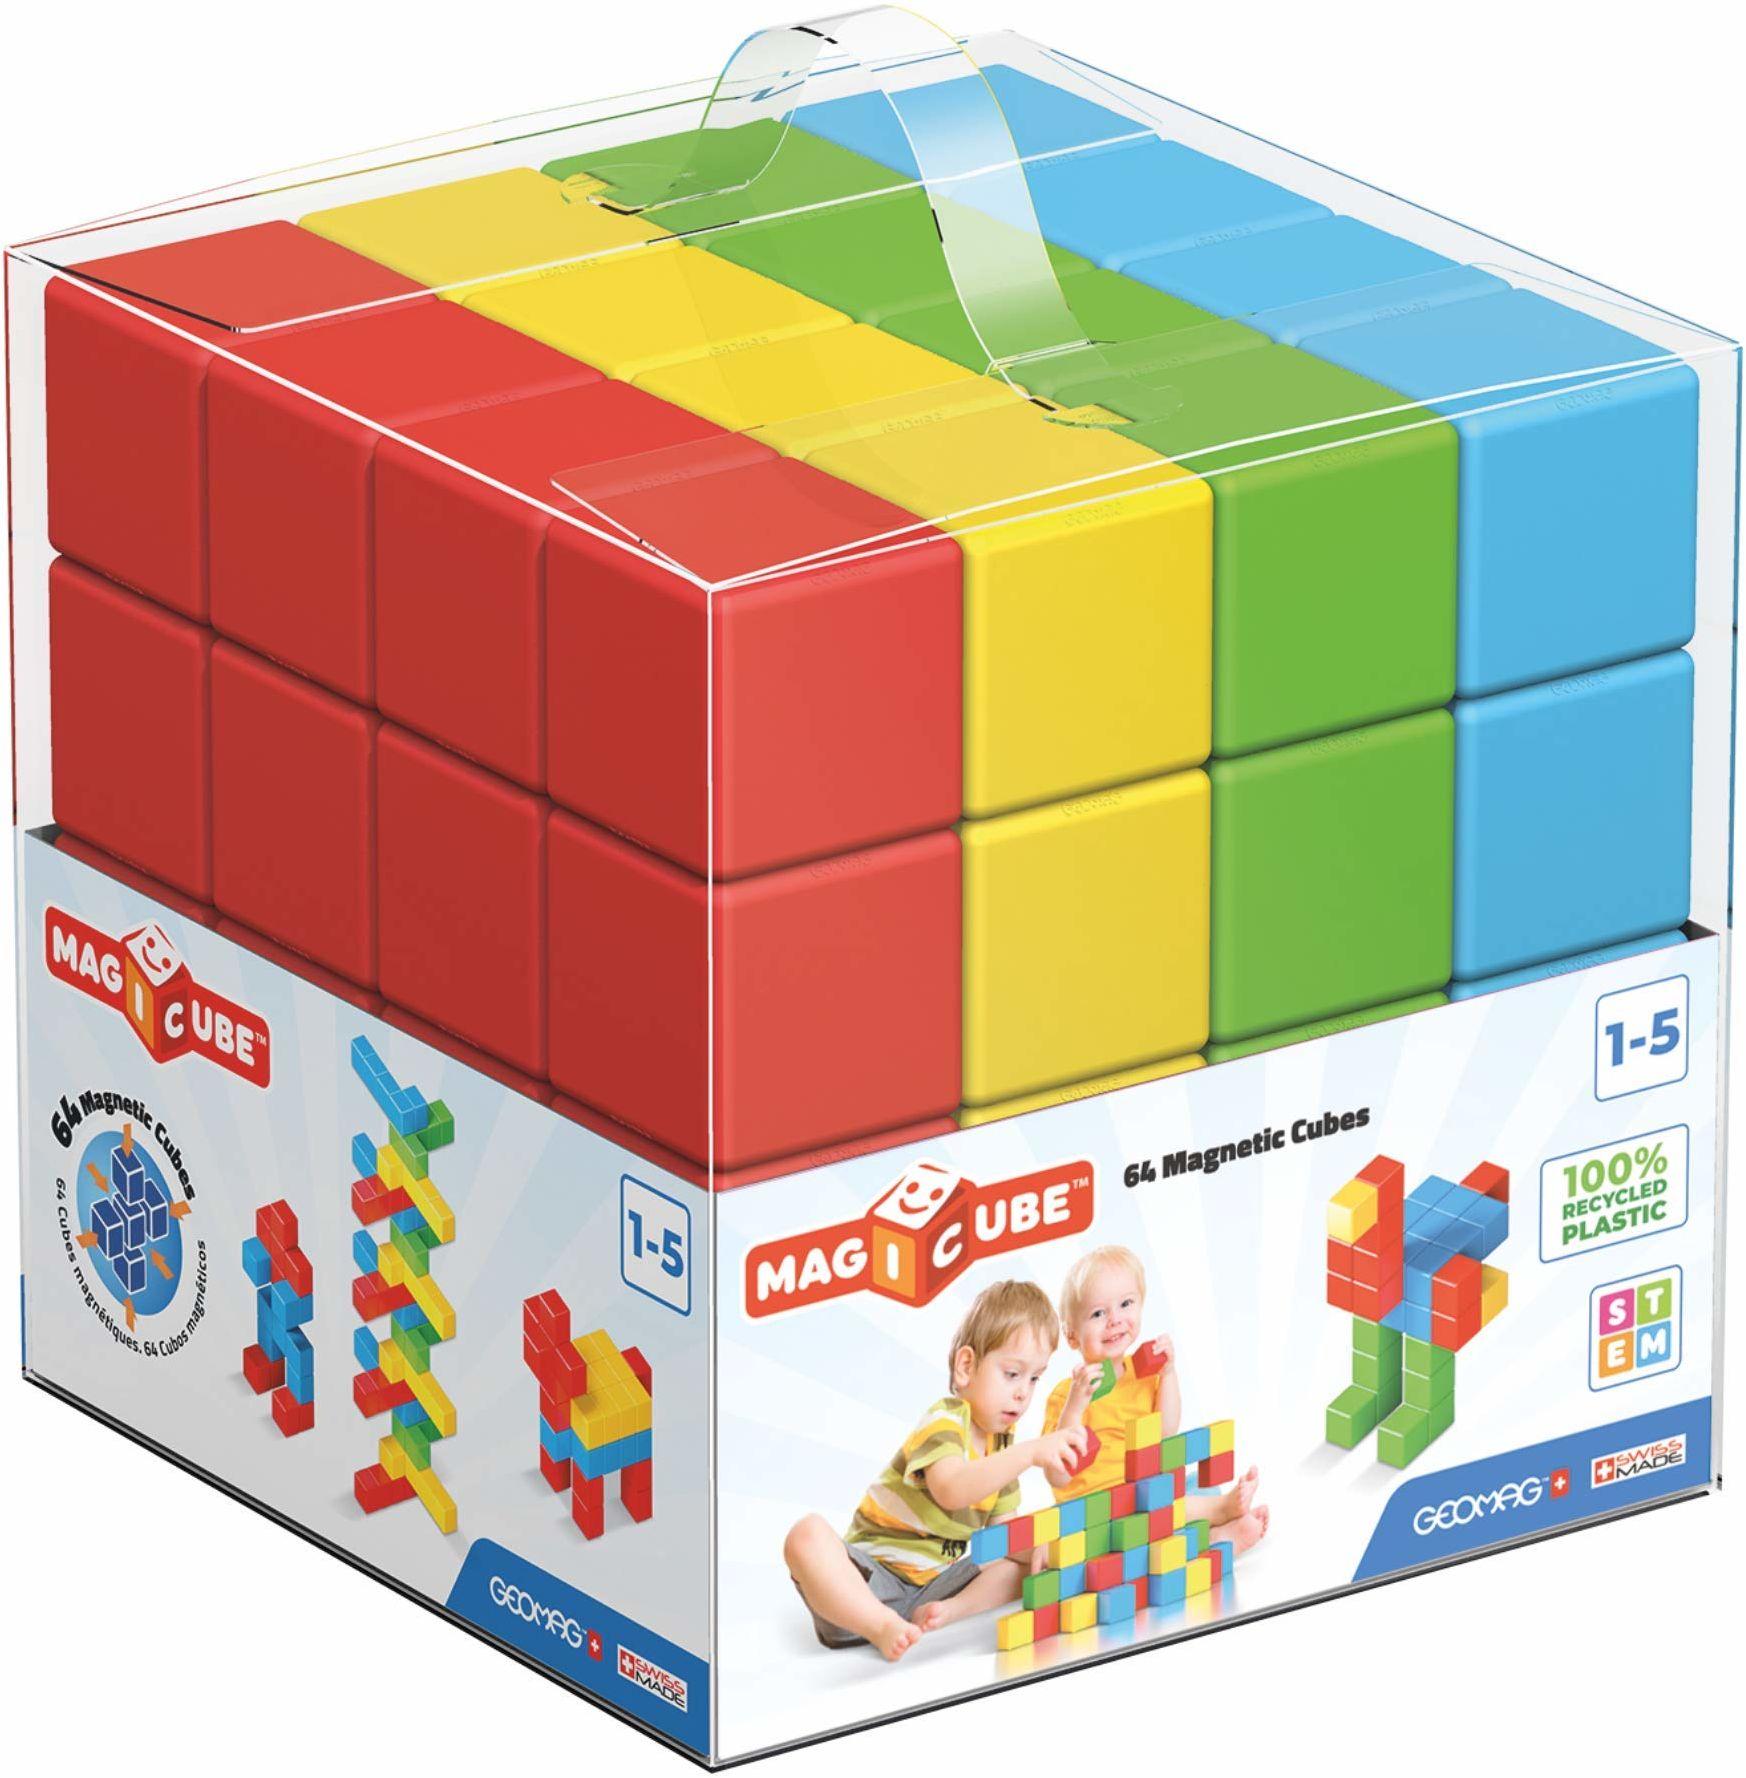 GEOMAG Magicube 57 zielony zabawki magnetyczne magnesy dla małych dzieci Zestaw kostek edukacyjnych do budowania edukacji i zabawy wczesnej Szwajcarskie 64 sztuki Wiek 1-5 lat